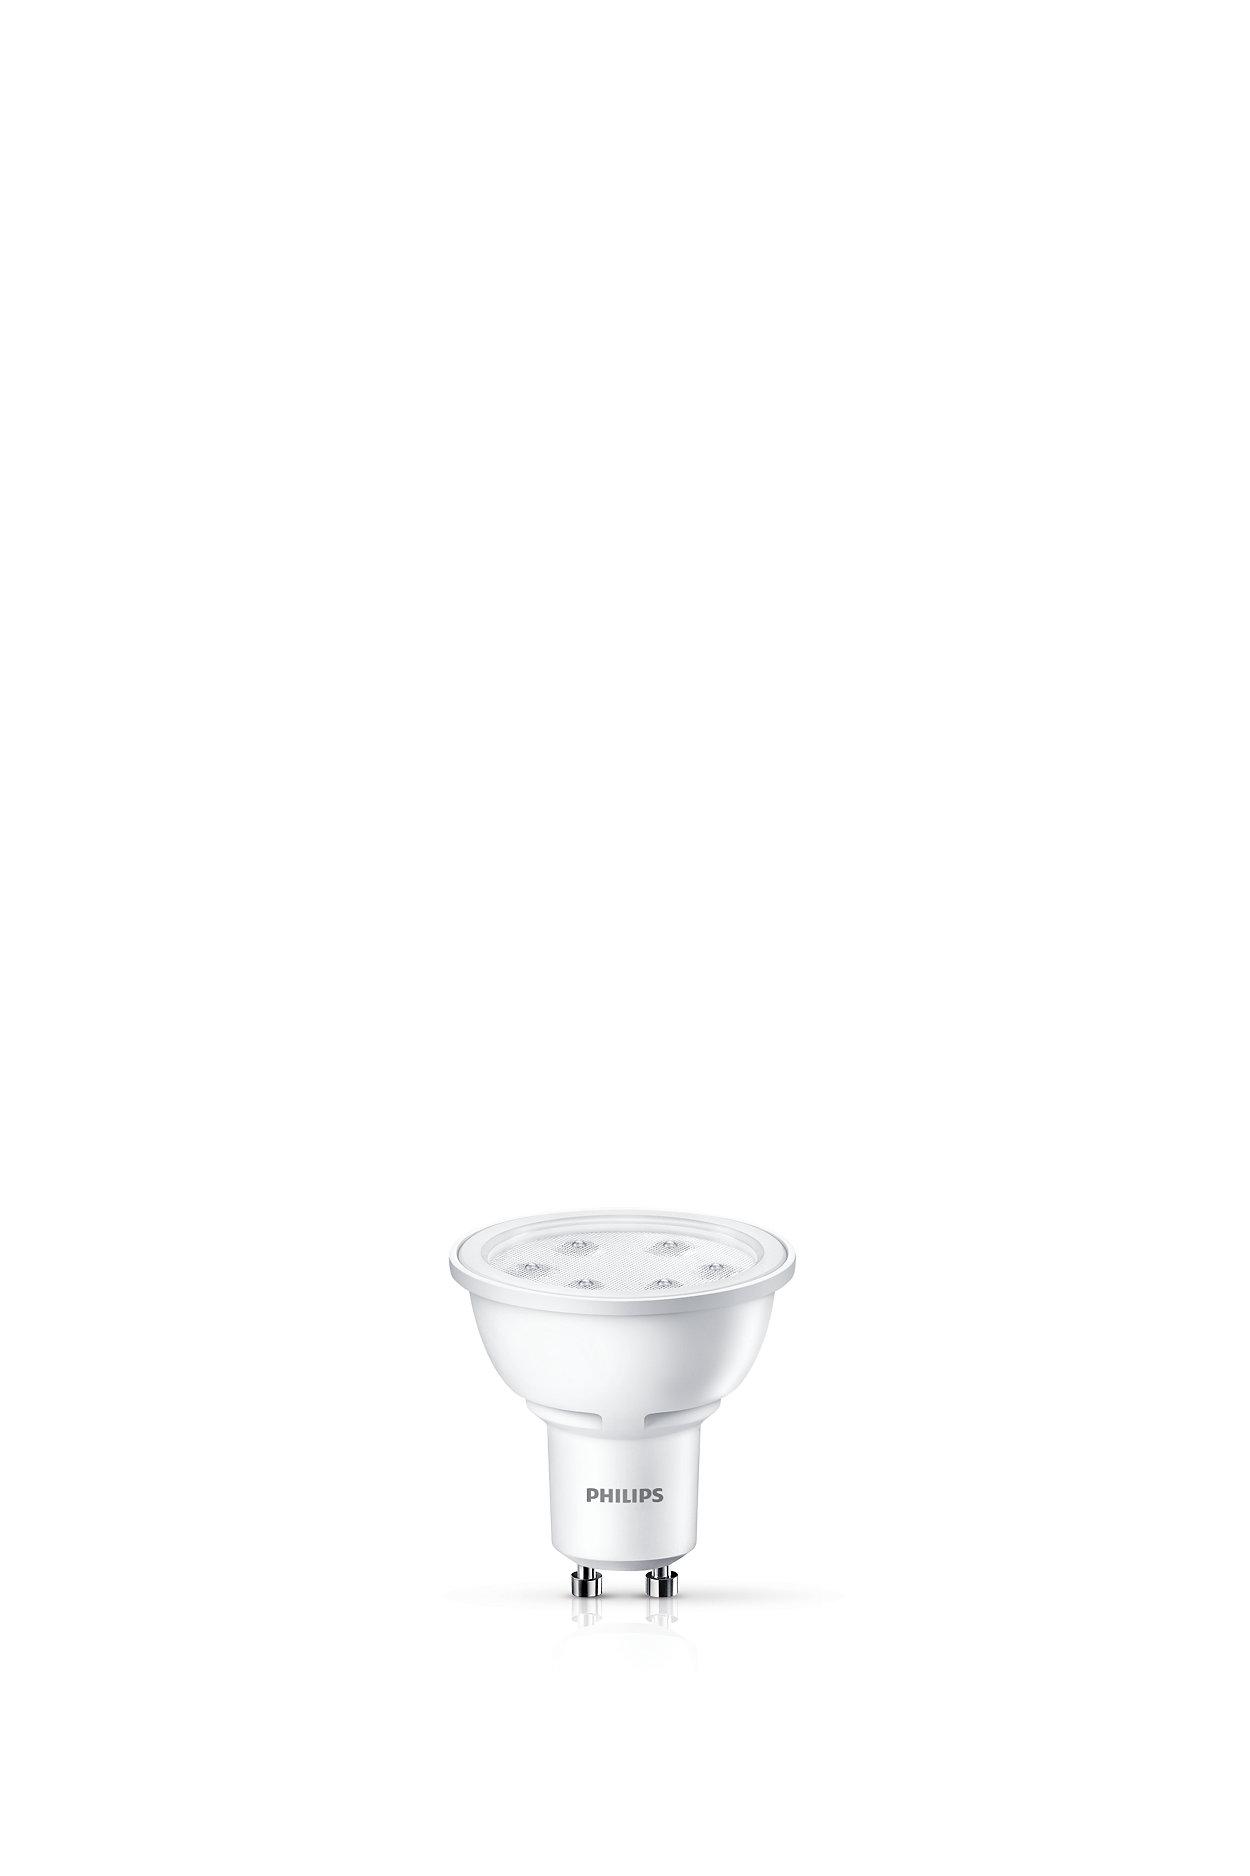 Iluminación de acento duradera con un haz brillante enfocado